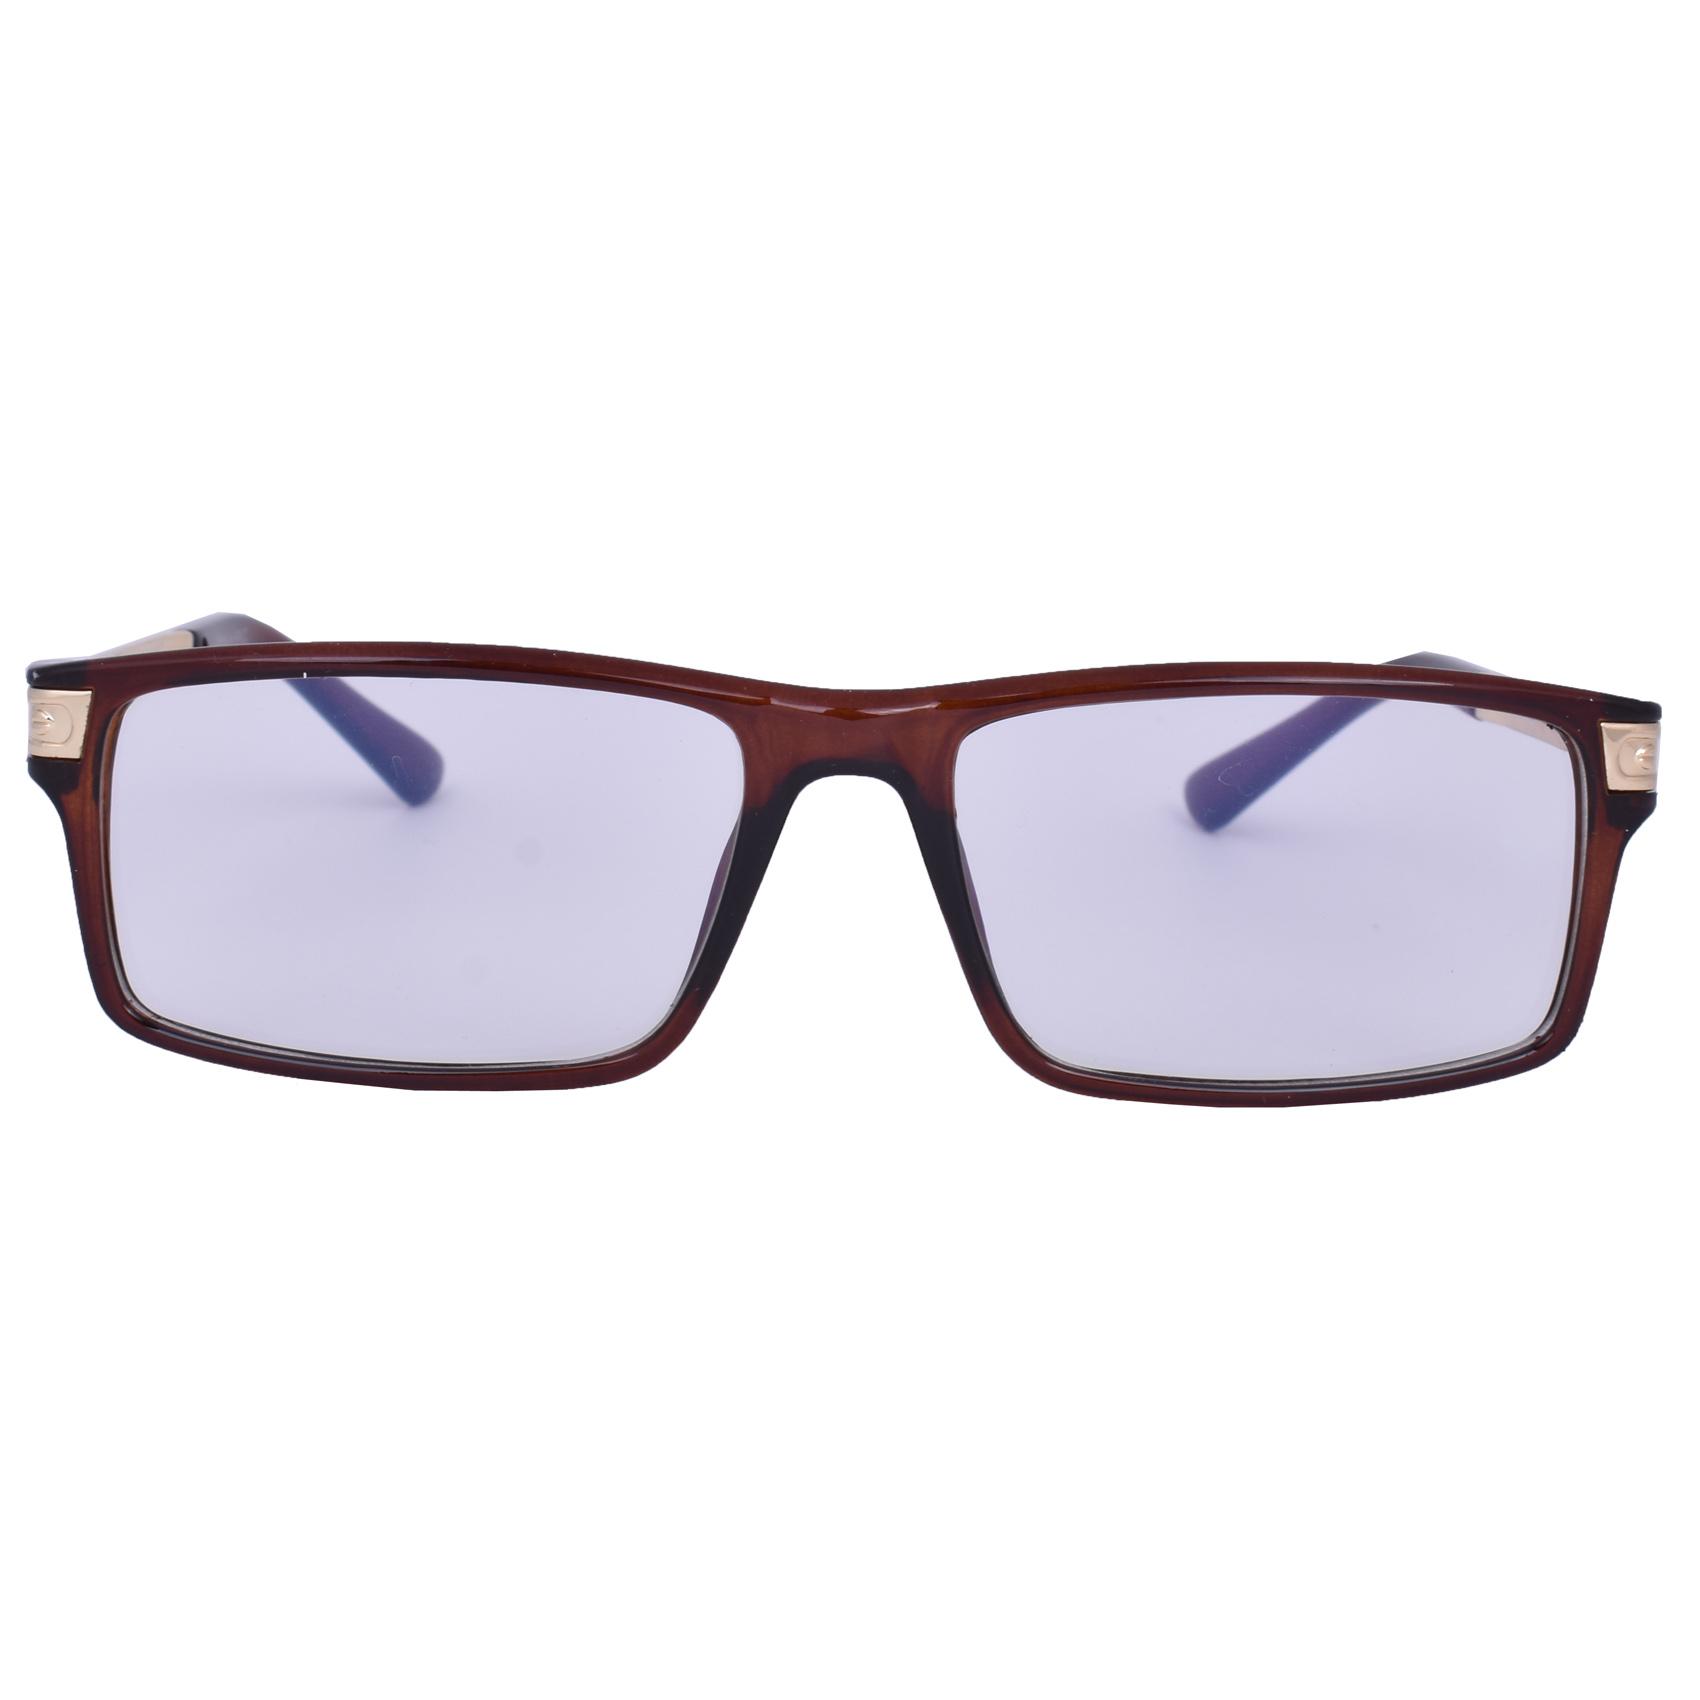 فریم عینک کد 937